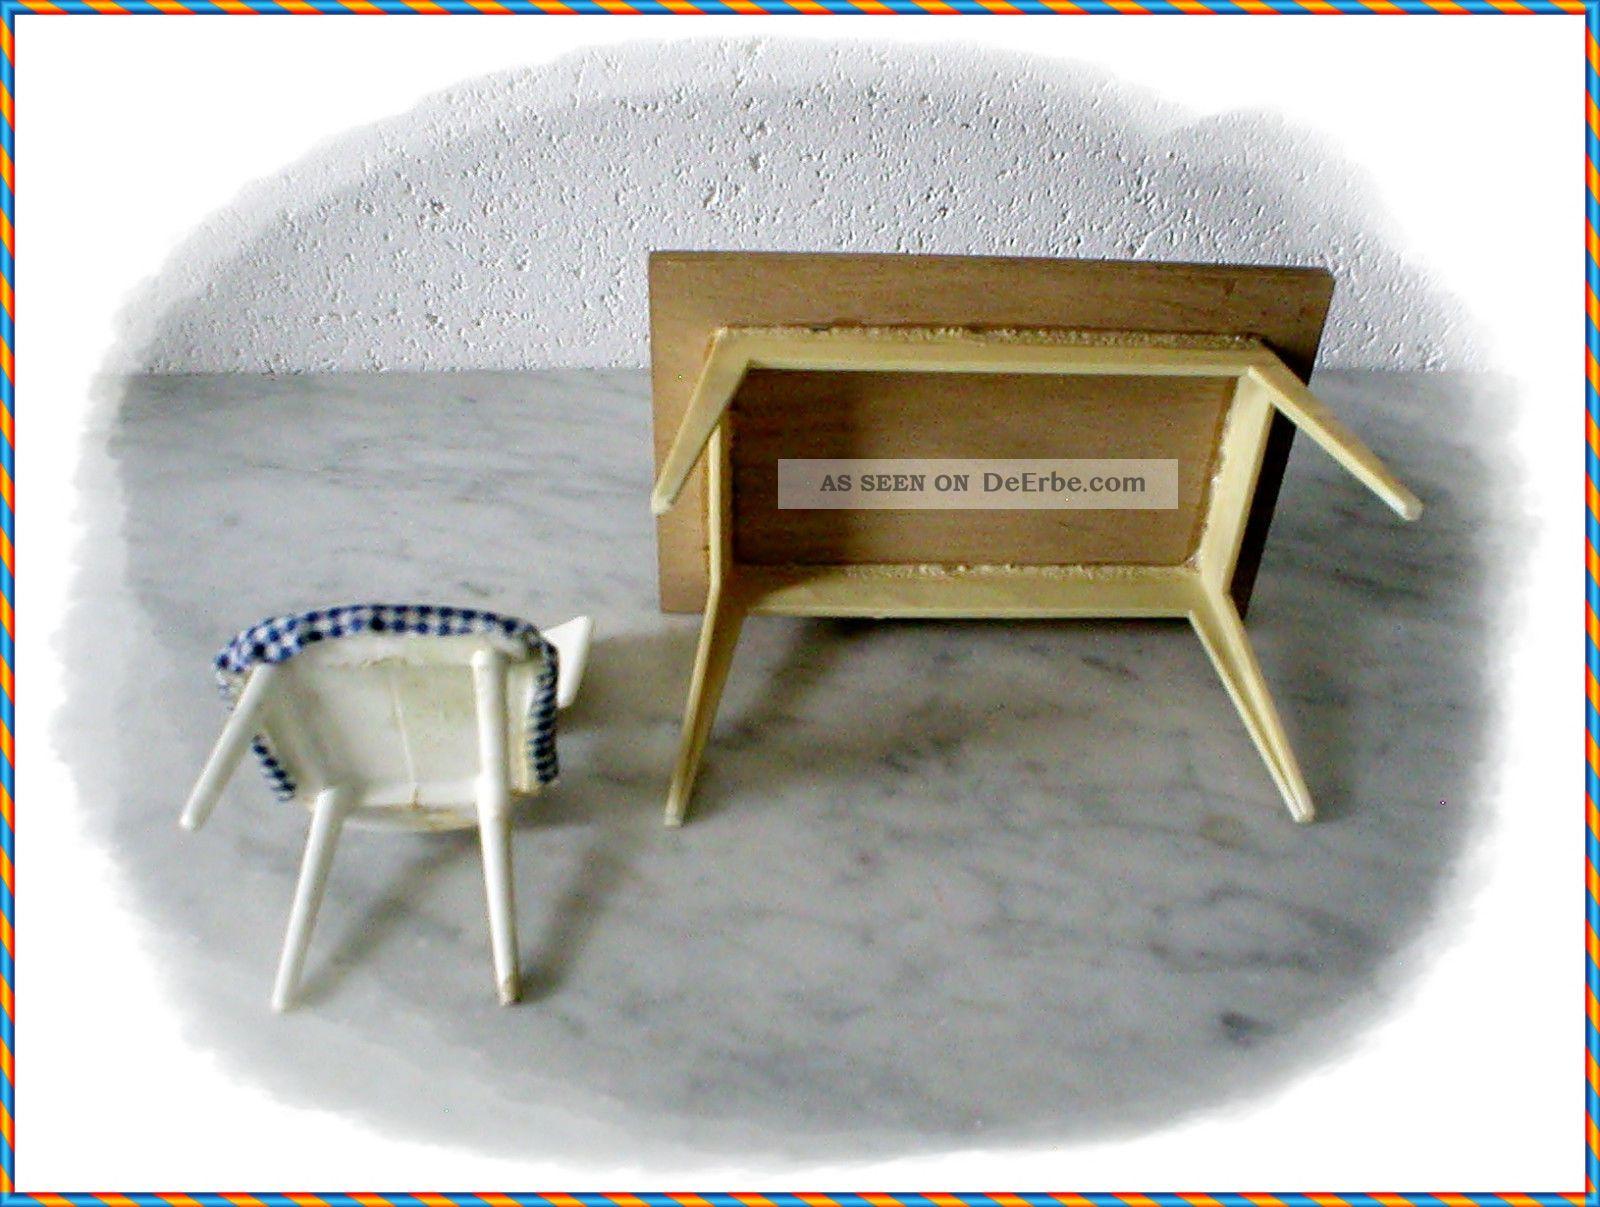 Großzügig 1970 Küchentisch Fotos - Ideen Für Die Küche Dekoration ...